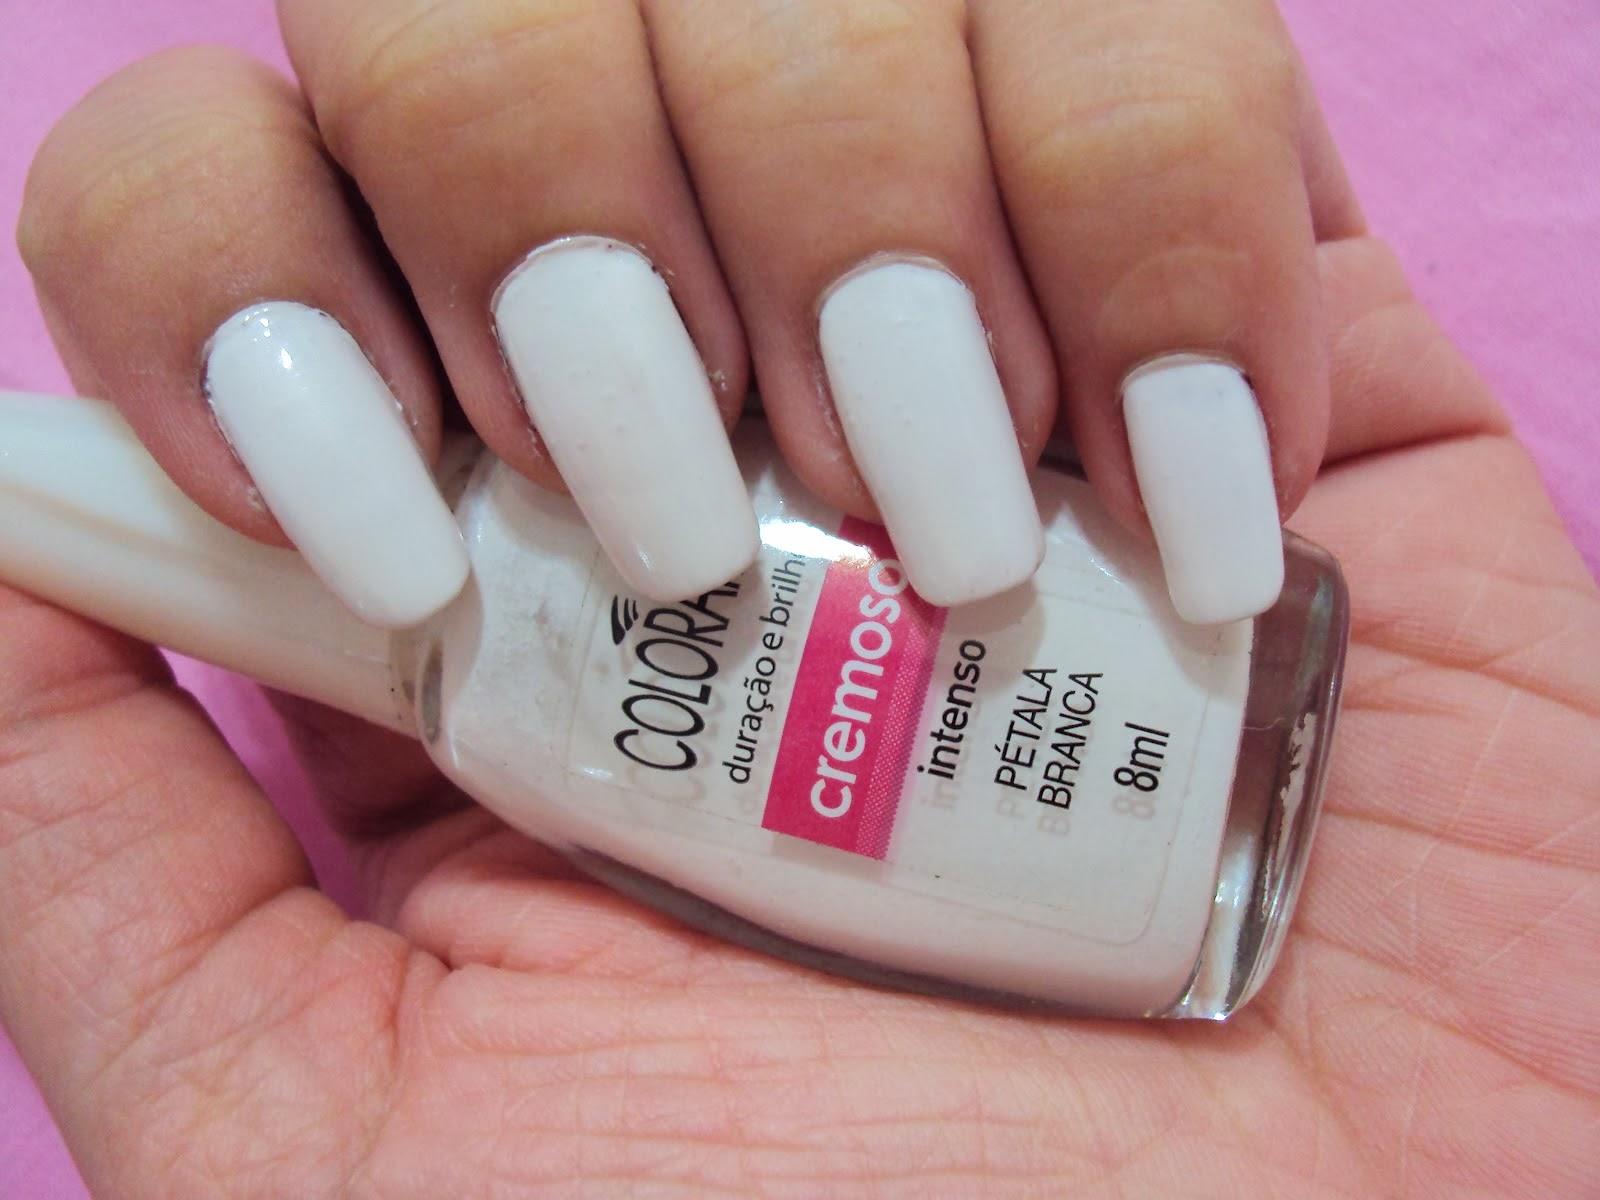 Esmalte Branco: esmalte branco corretivo e esmalte branco fosco